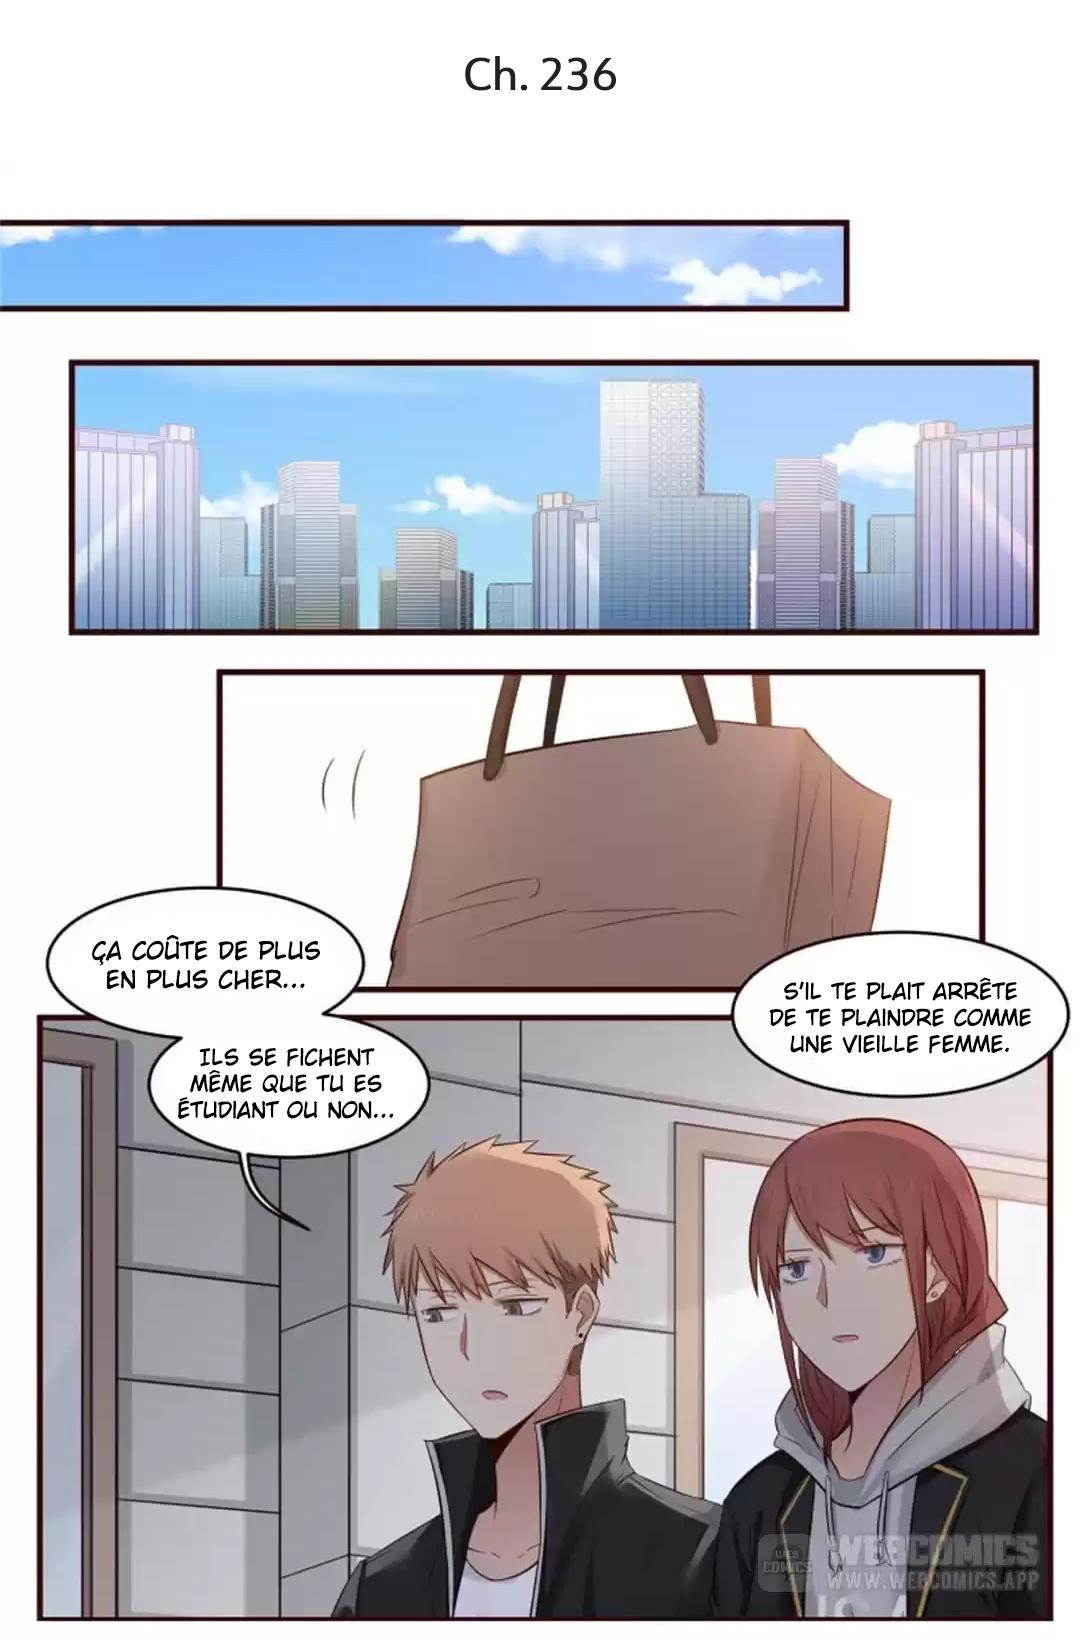 Lily saison 1 236 01